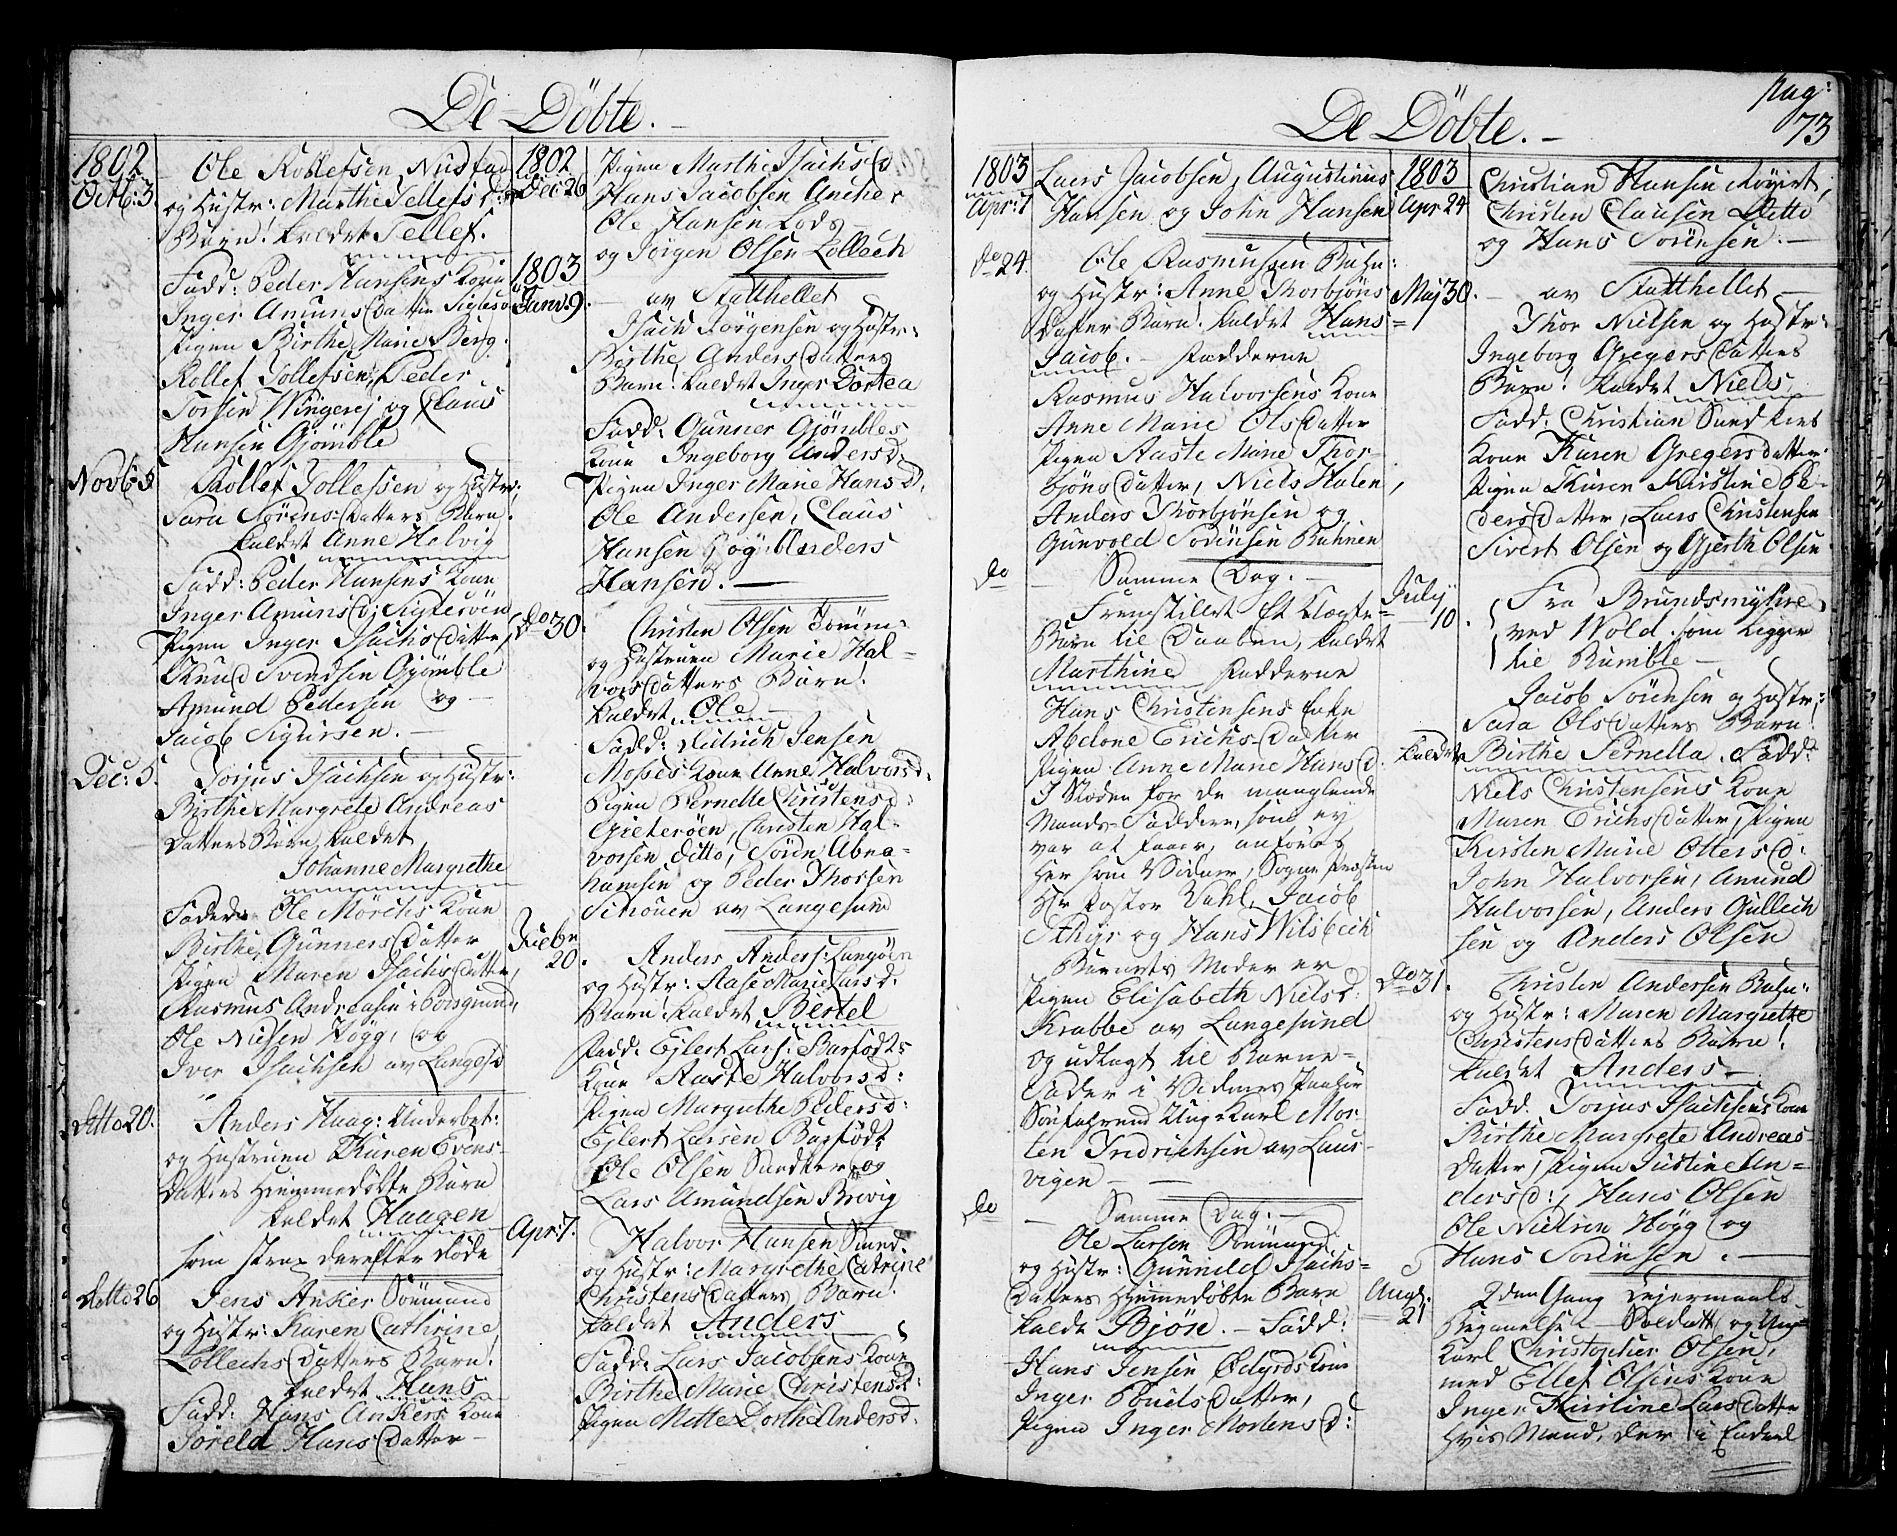 SAKO, Langesund kirkebøker, G/Ga/L0002: Klokkerbok nr. 2, 1801-1815, s. 73